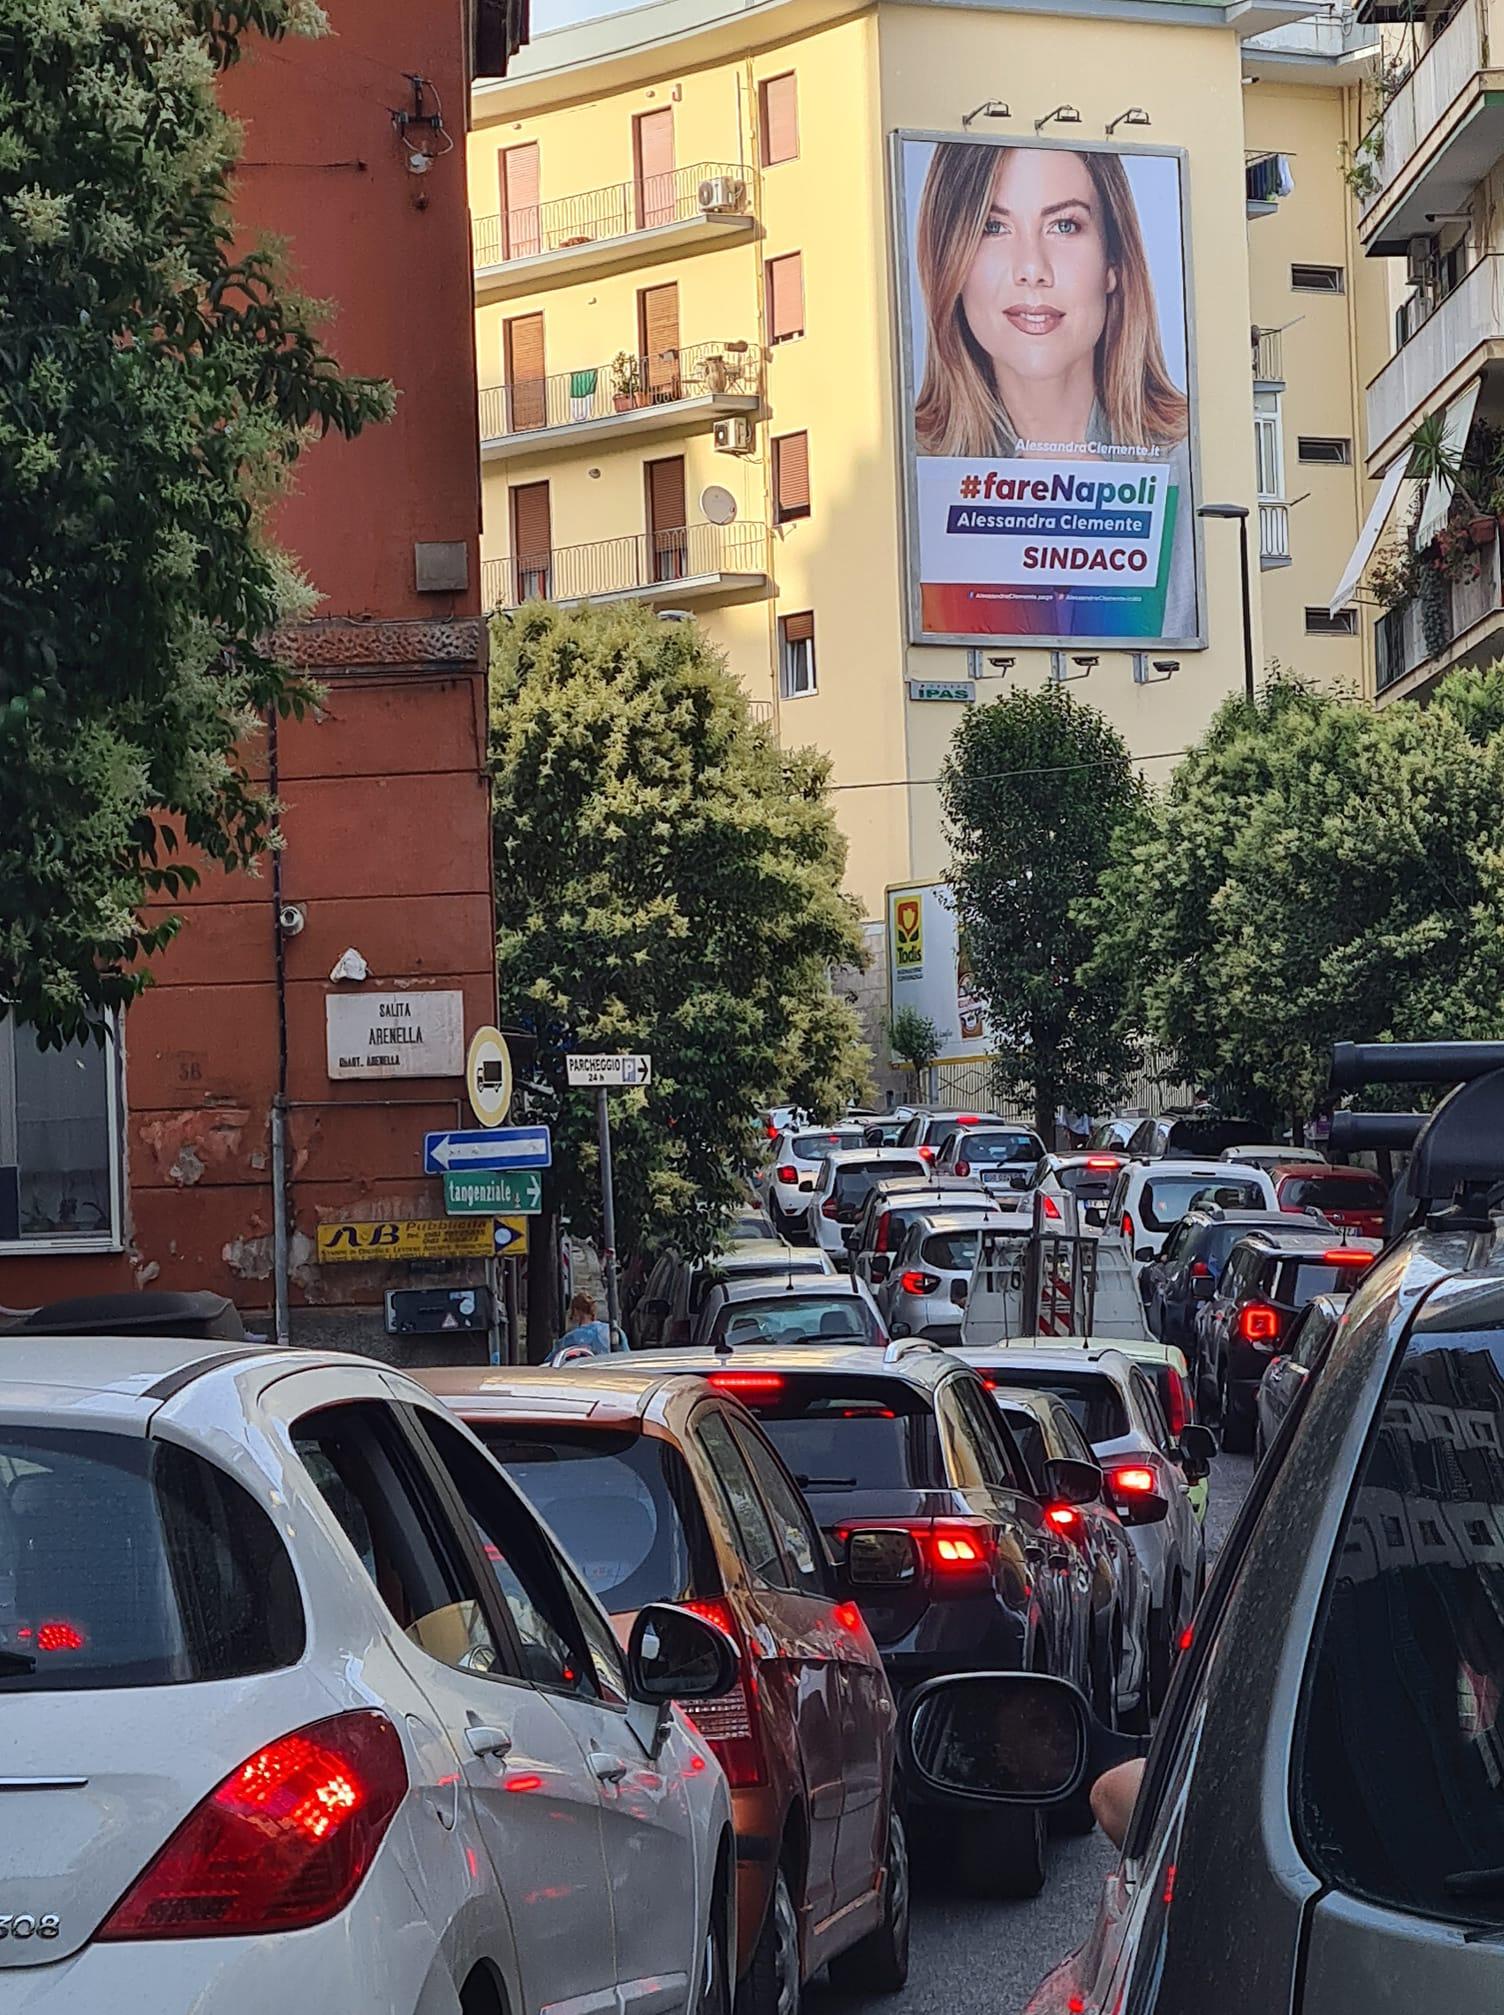 Napoli, strade chiuse e circolazione in tilt mentre la Clemente pensa alle elezioni